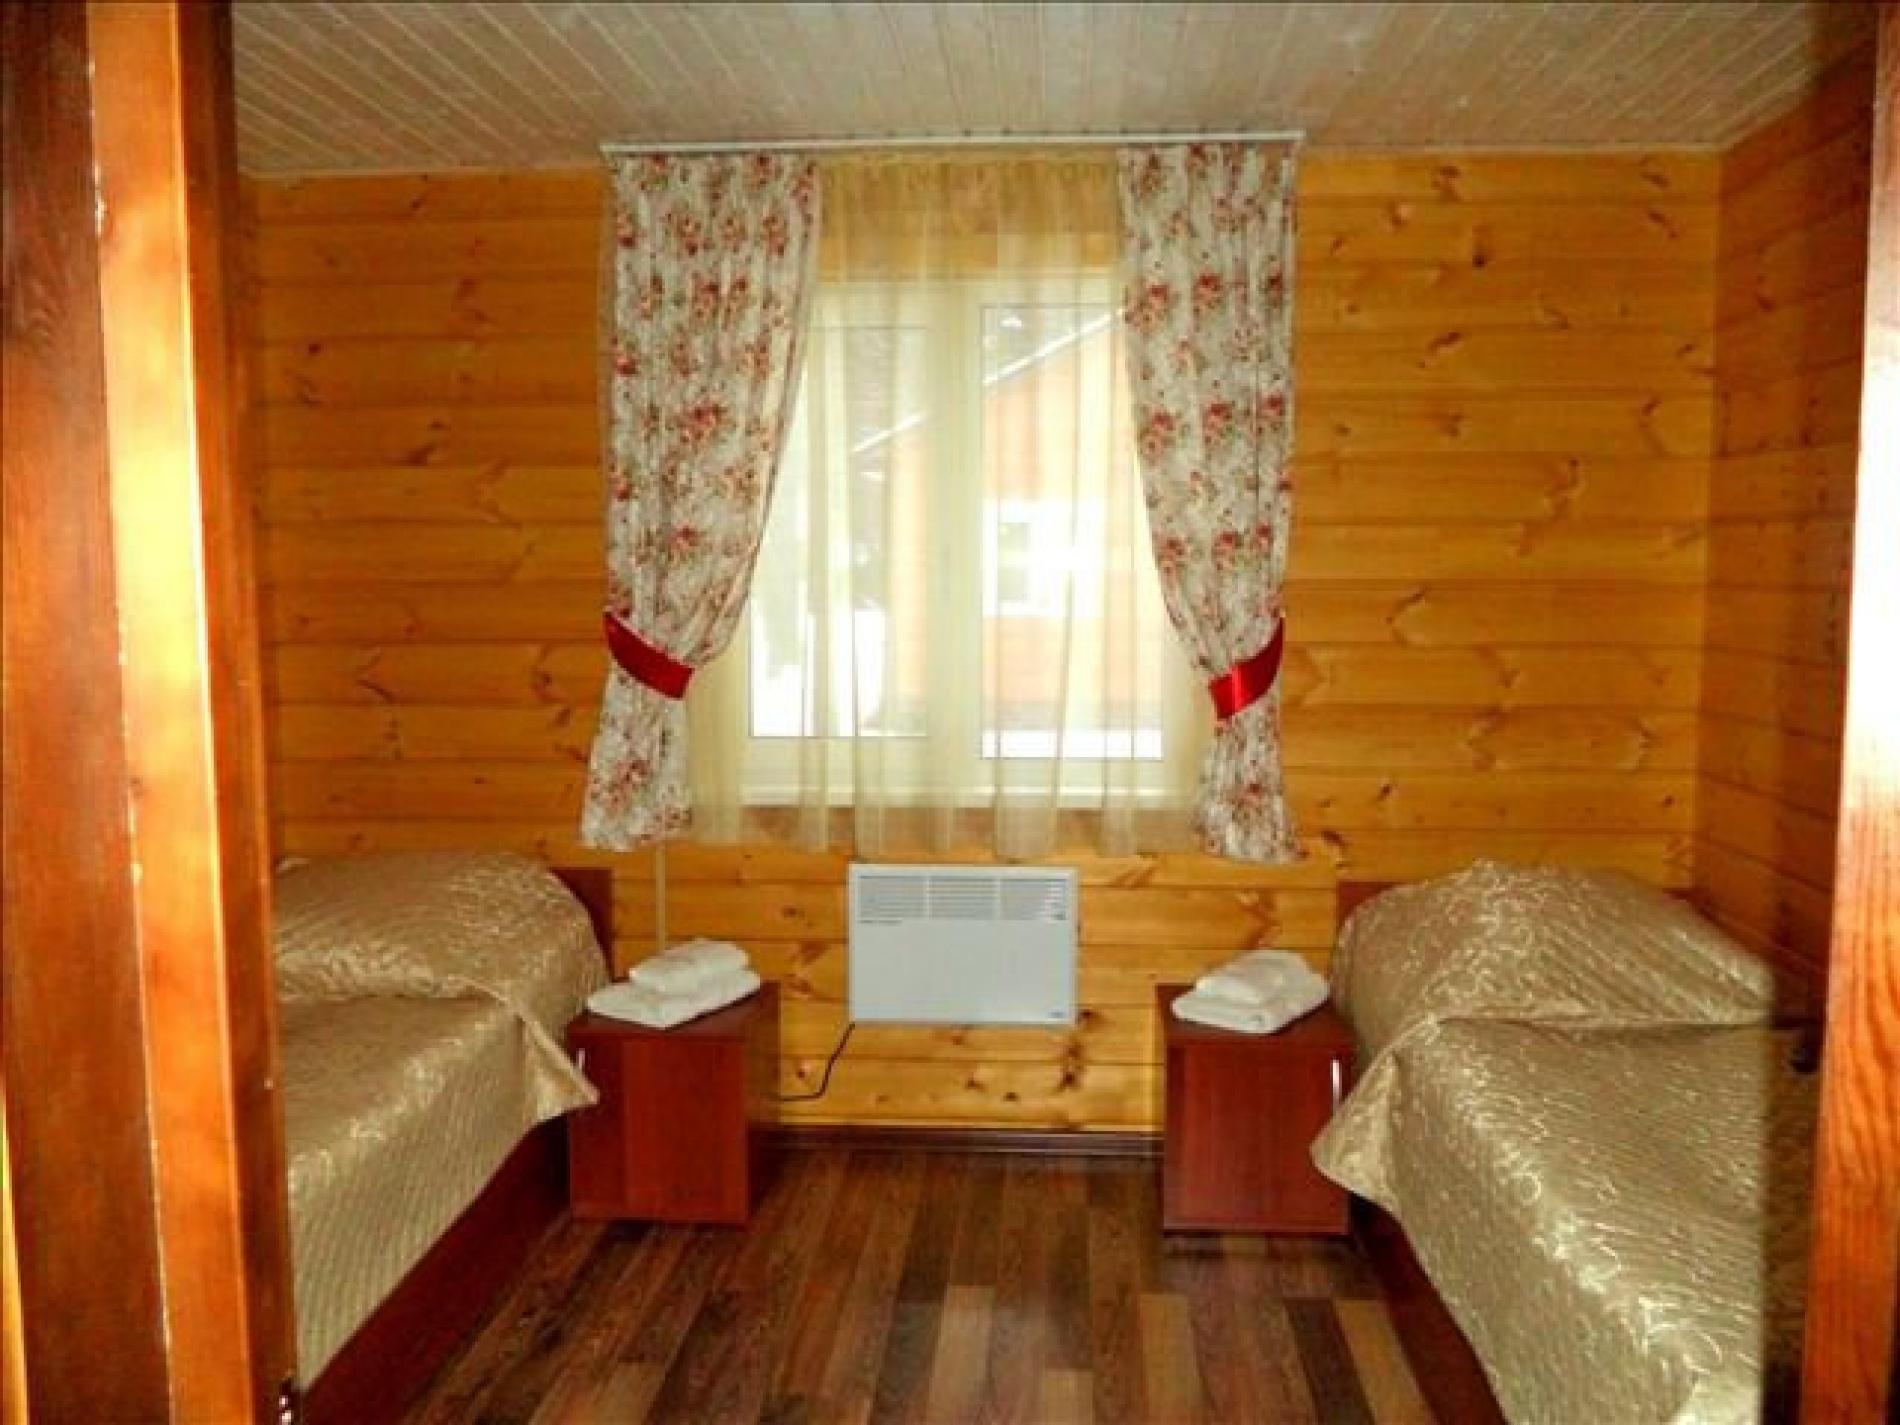 База отдыха «Стёпаново» Вологодская область Номер в Доме № 19, 20, 21, 22, 23 24, фото 2